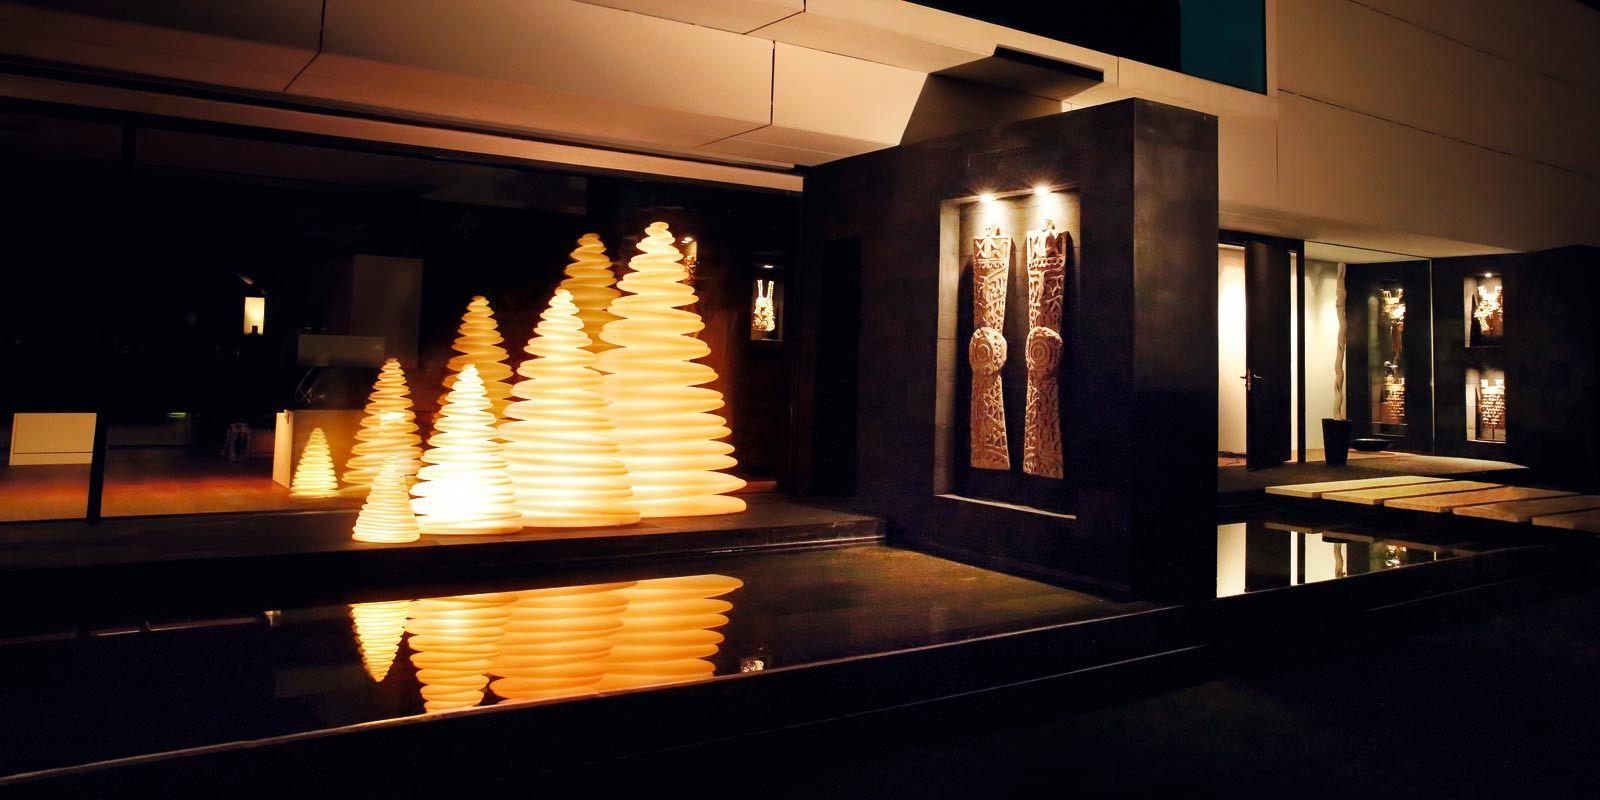 Die CHRISMY WEIHNACHTSBAUM Kollektion der Designerin Teresa Sapey schafft eine einhüllende Atmosphäre, die durch seine klassische und zeitlose Modernität begeistert und überzeugt.